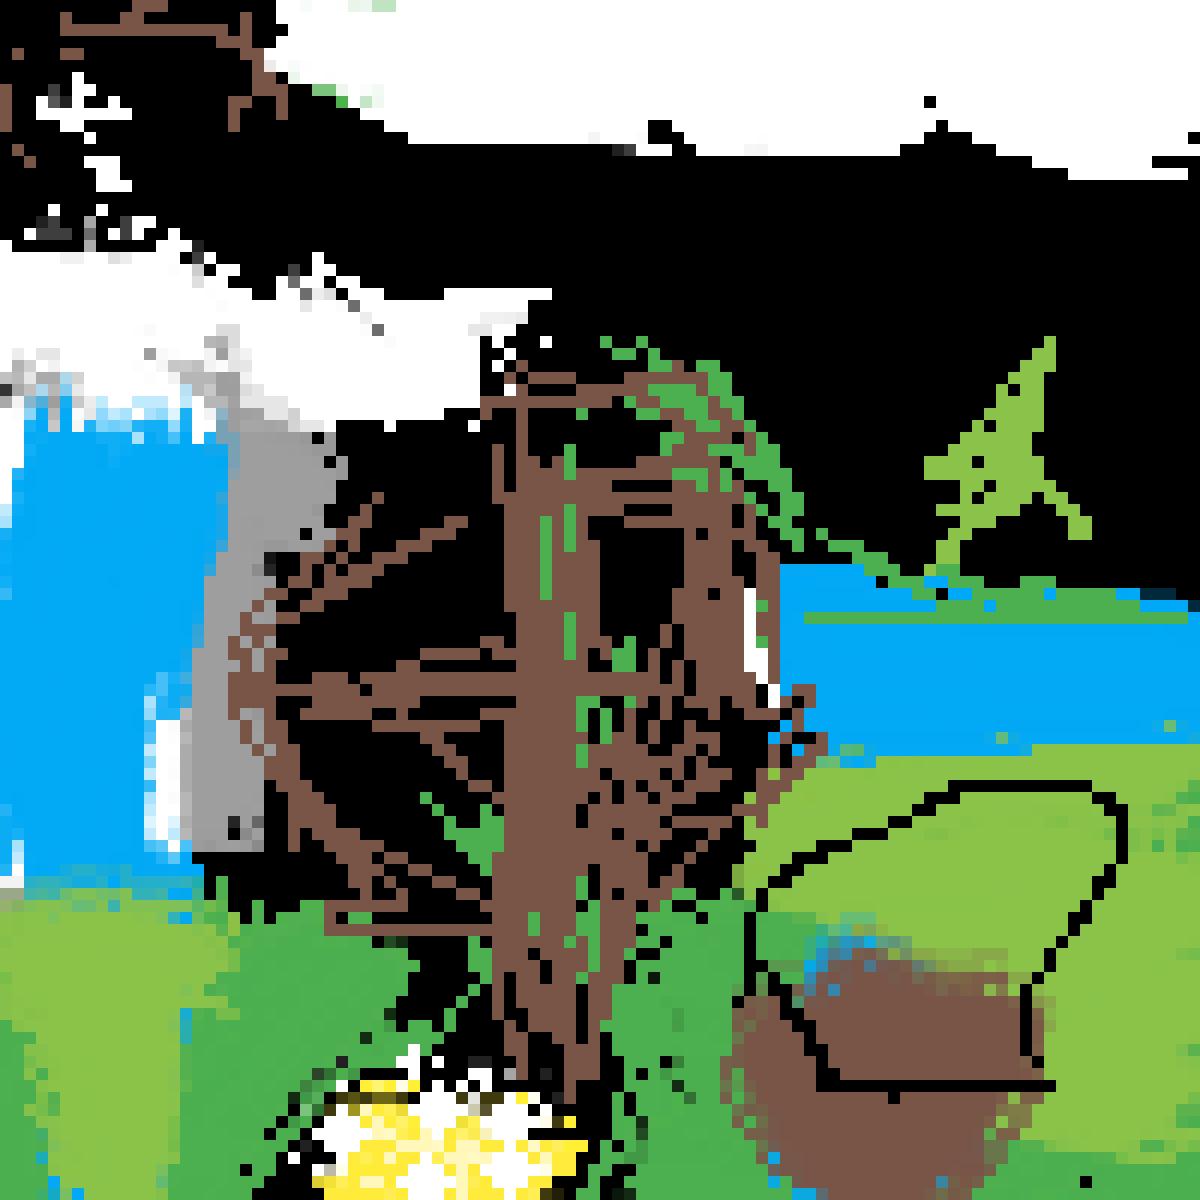 rip arthur morgan by Twanky-swanky